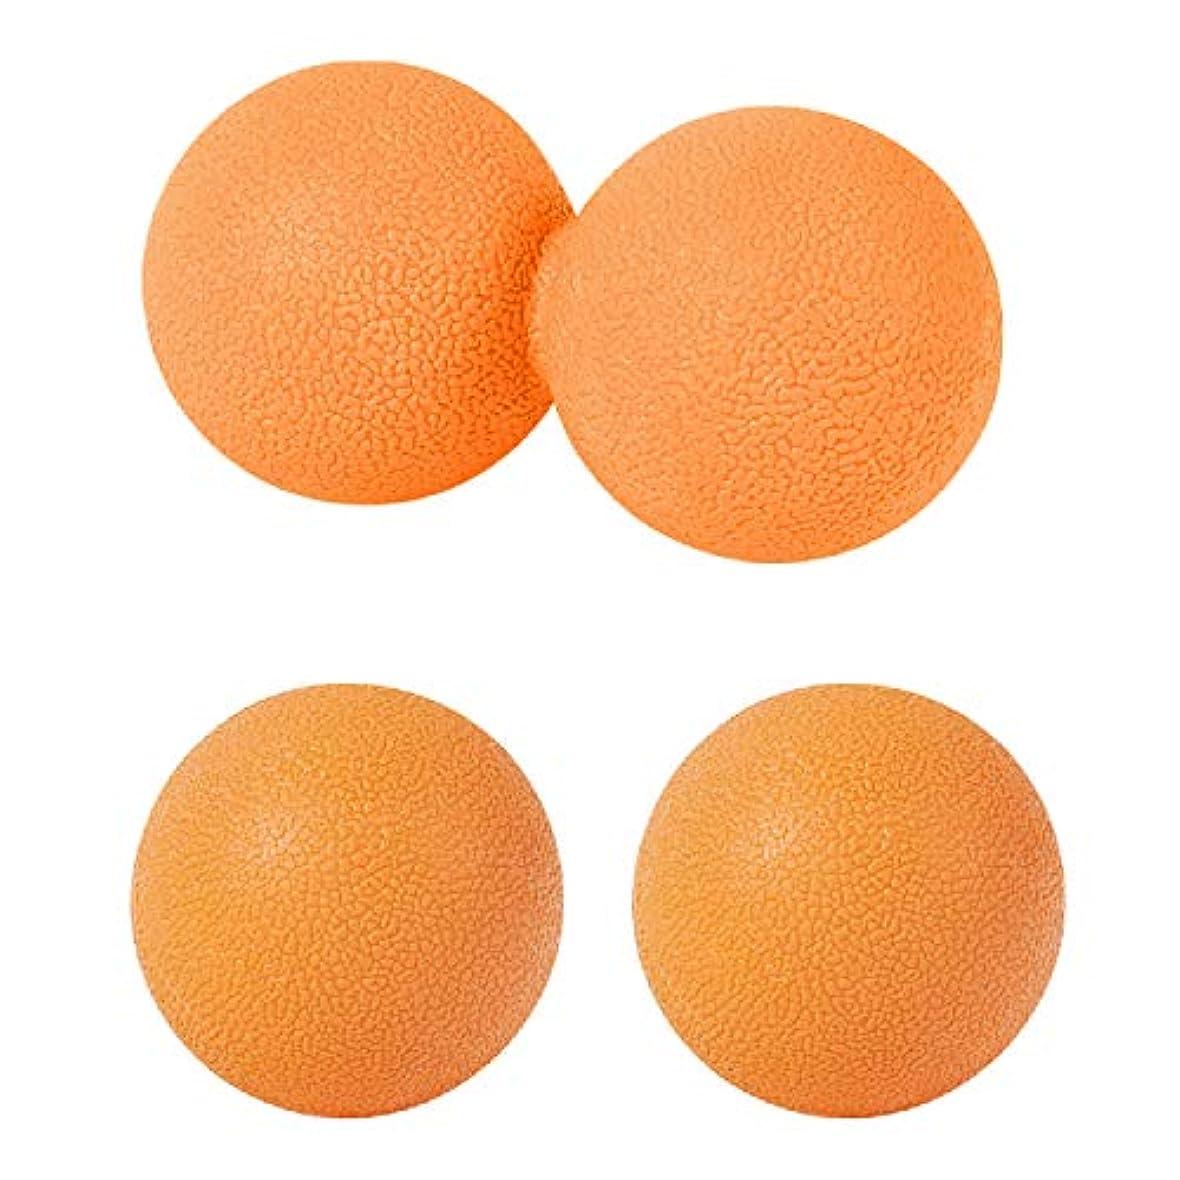 壮大な無駄だ大混乱sac taske マッサージボール ストレッチ ピーナッツ ツボ押し トリガーポイント 3個セット (オレンジ)